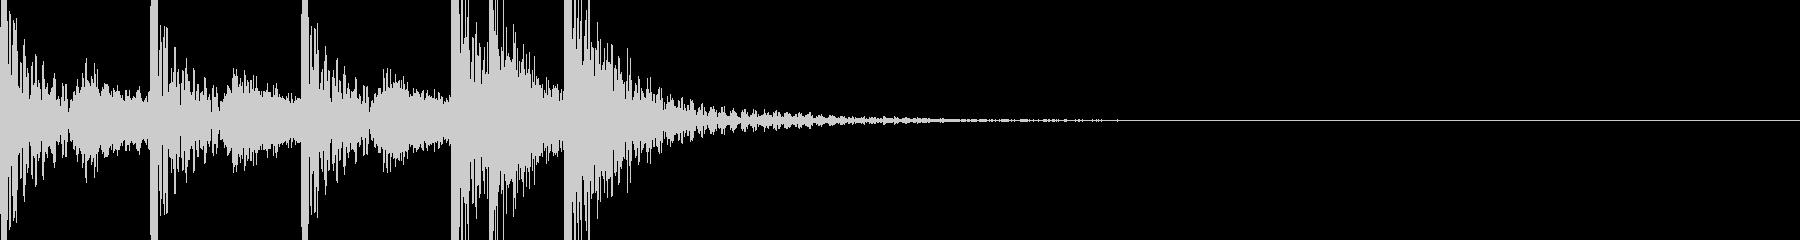 場面転換や合図などに使える転換SEです。の未再生の波形